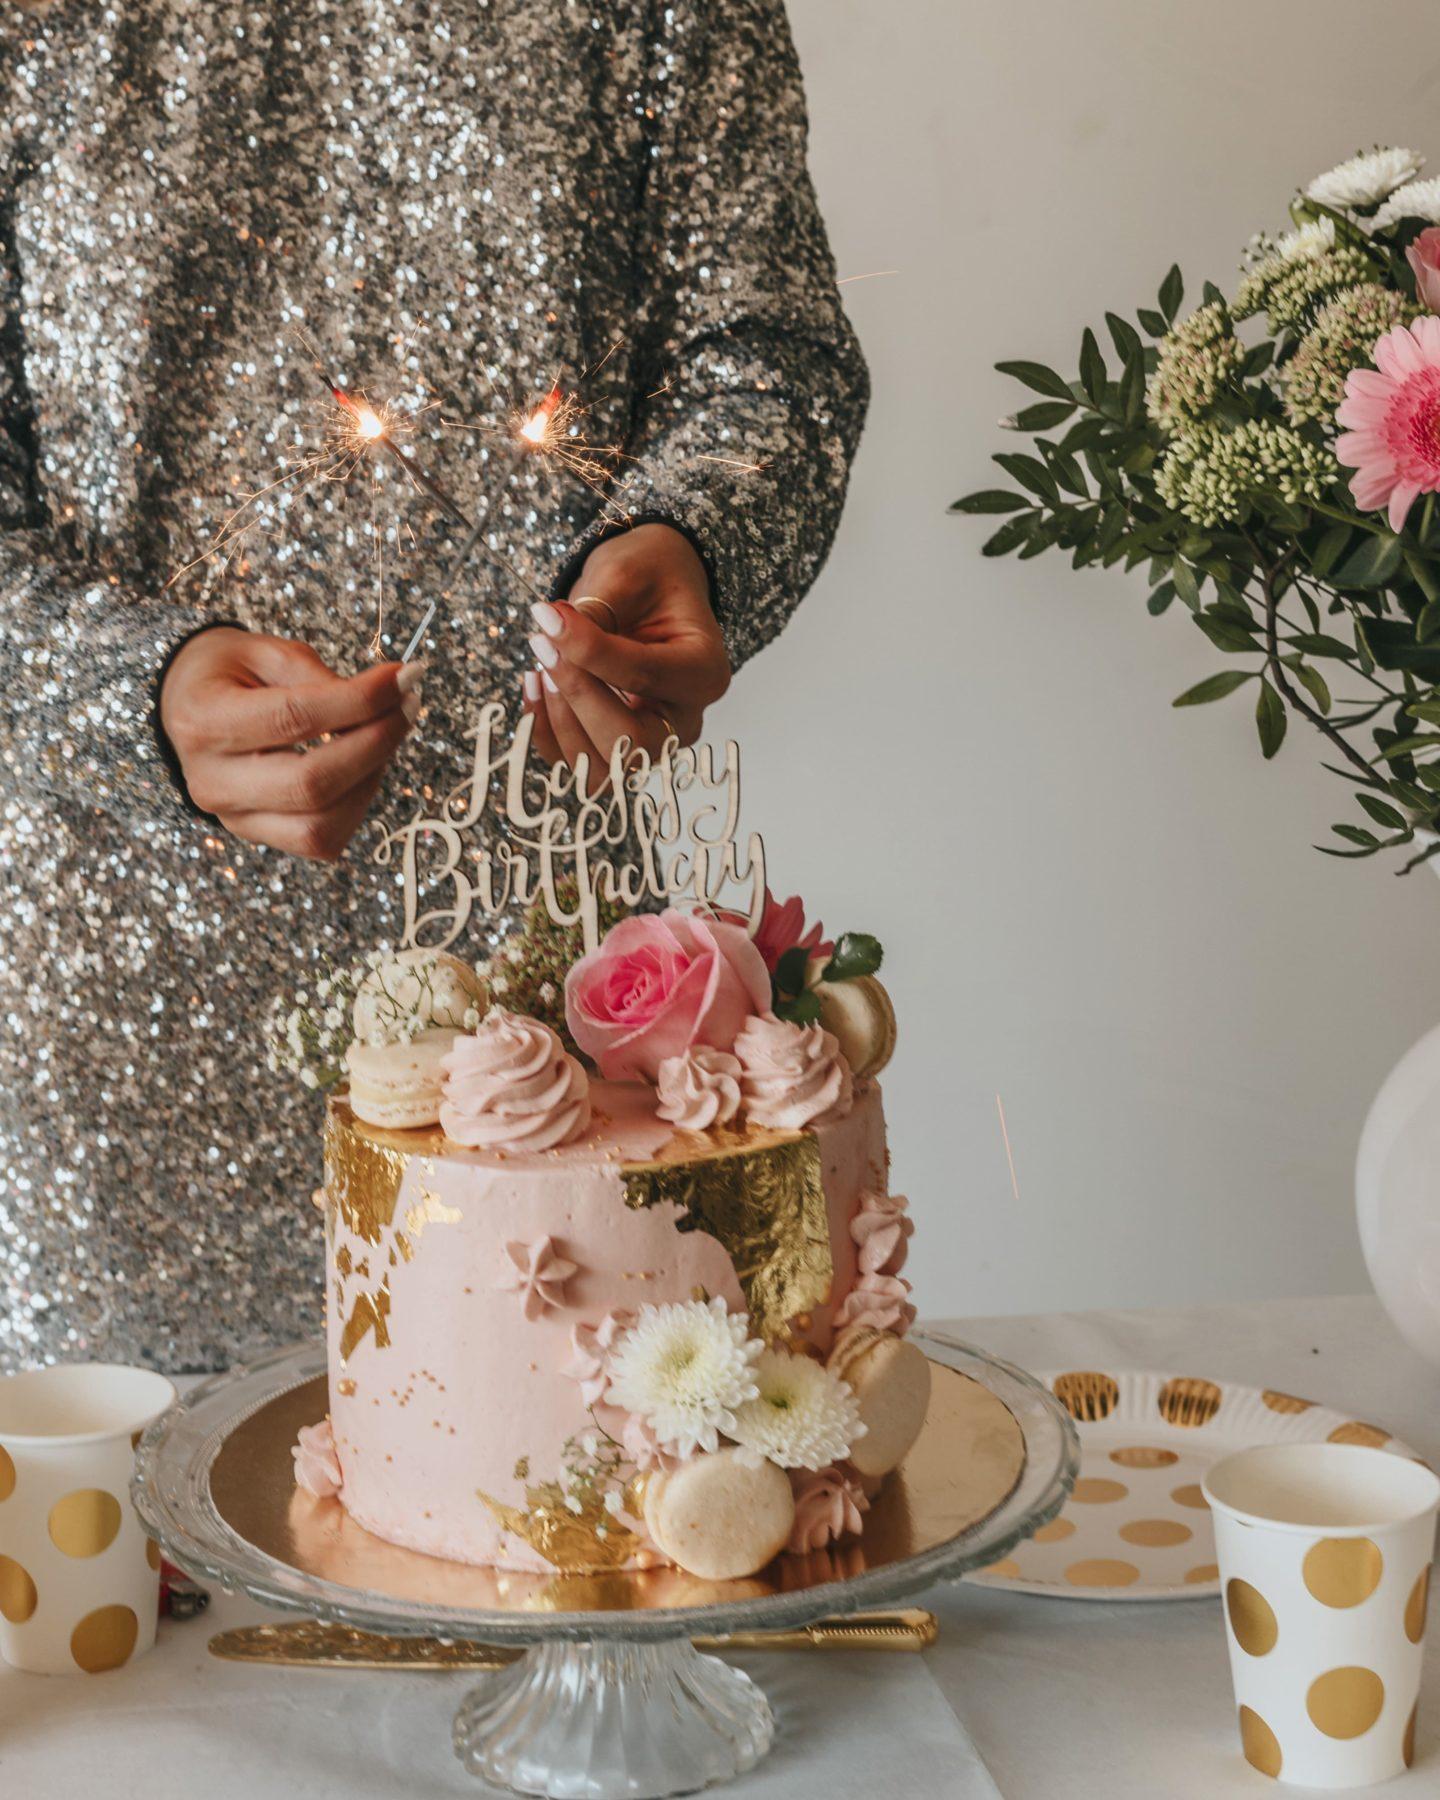 décoration, robe sequins, célébration, étincelles, gâteau rose, Pinterest.